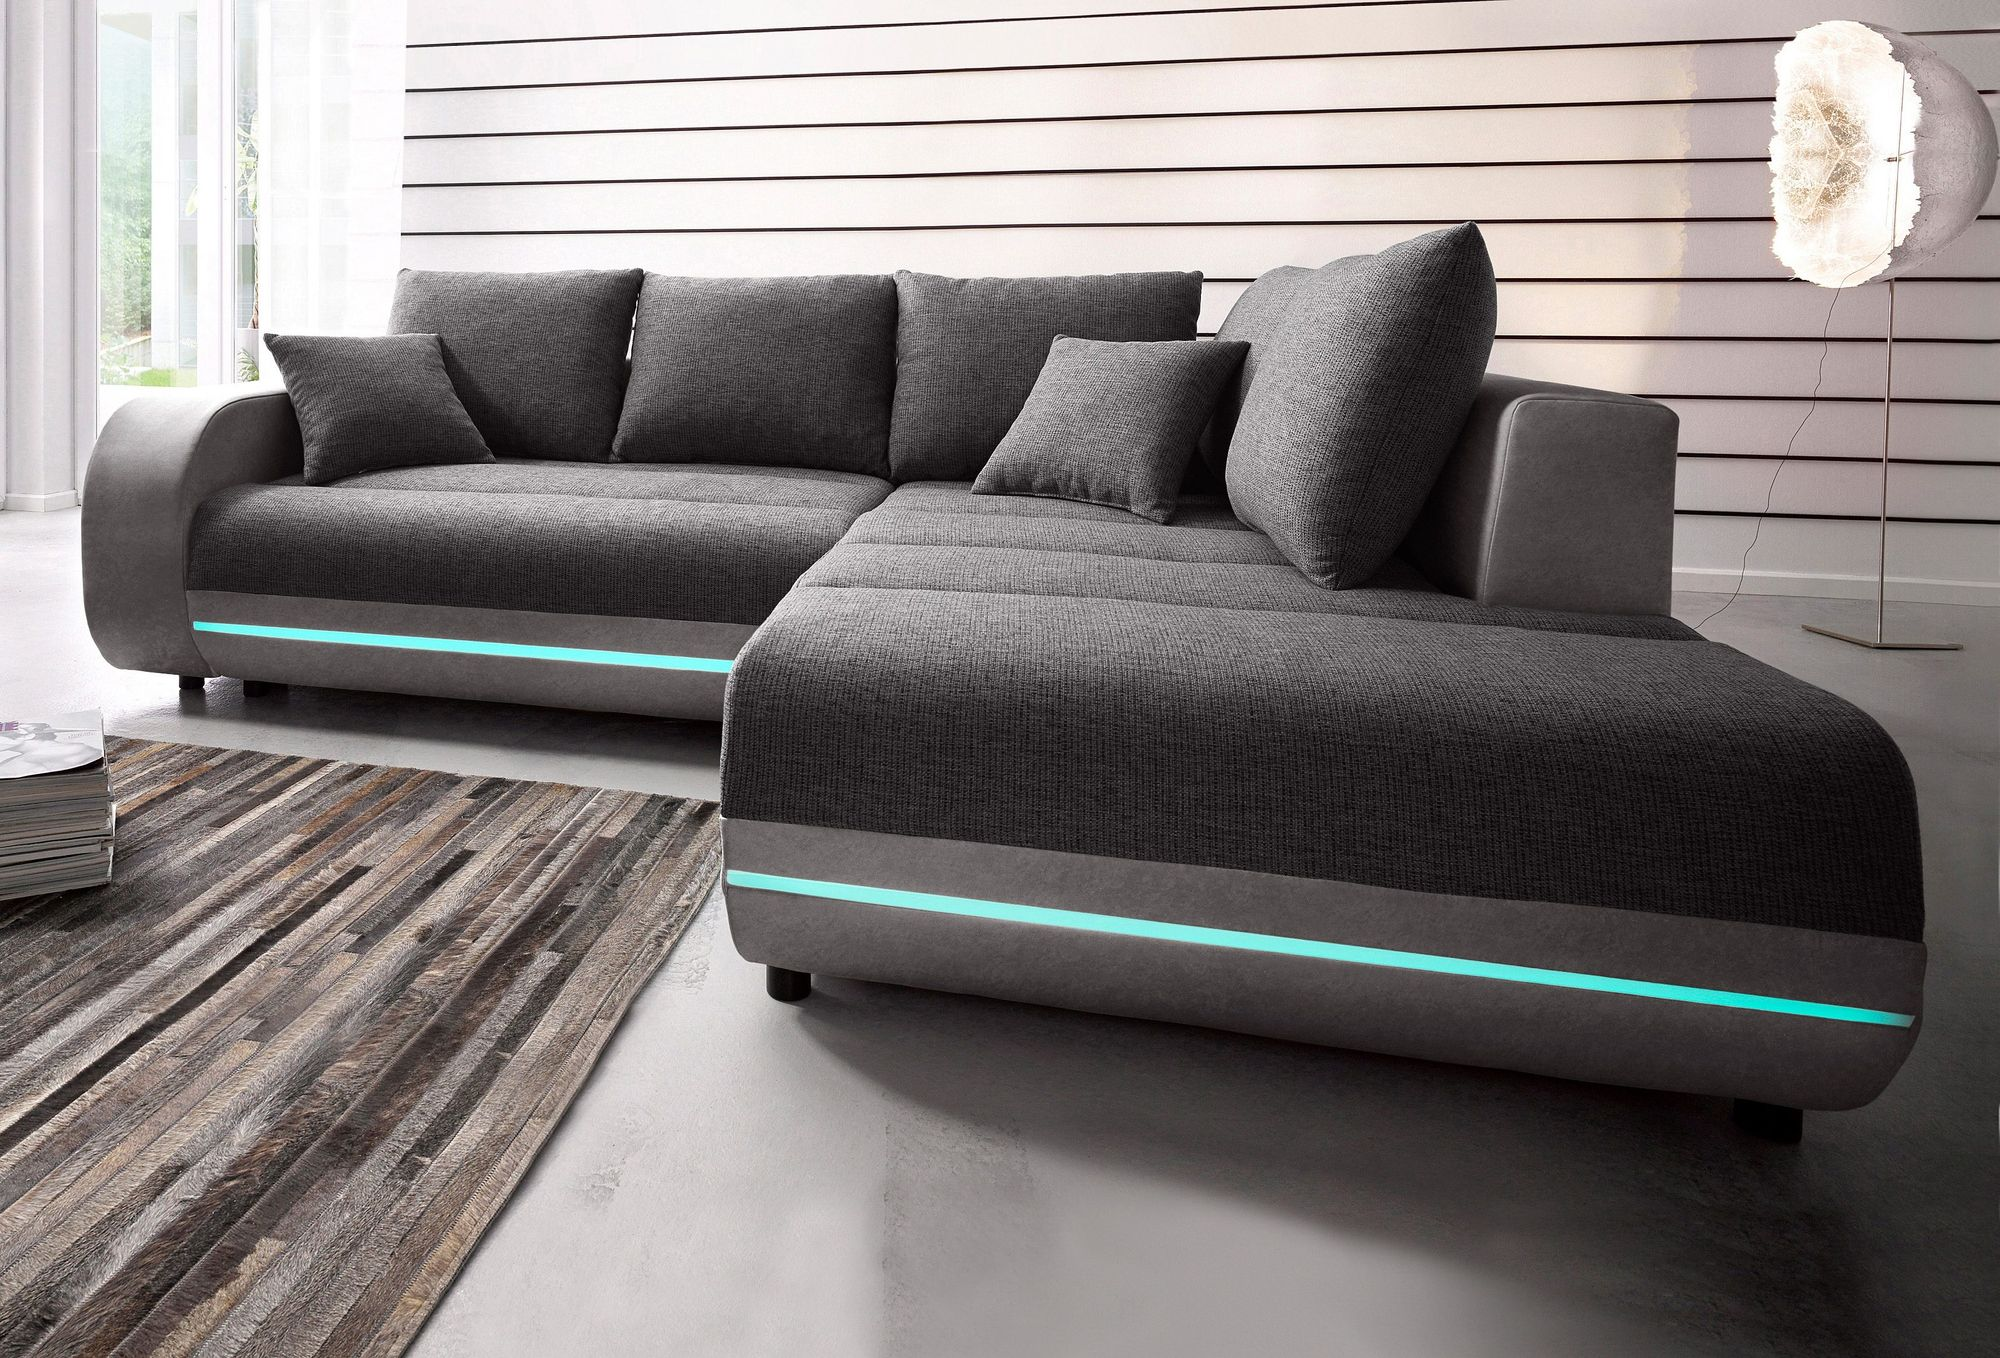 Full Size of Sofa Mit Led Und Soundsystem Couch Leder Beziehen Kosten Ecksofa Beleuchtung Sound Schlaffunktion Kombiniere Dein Moderner Peppe Ausziehbar Recamiere Sofa Sofa Mit Led